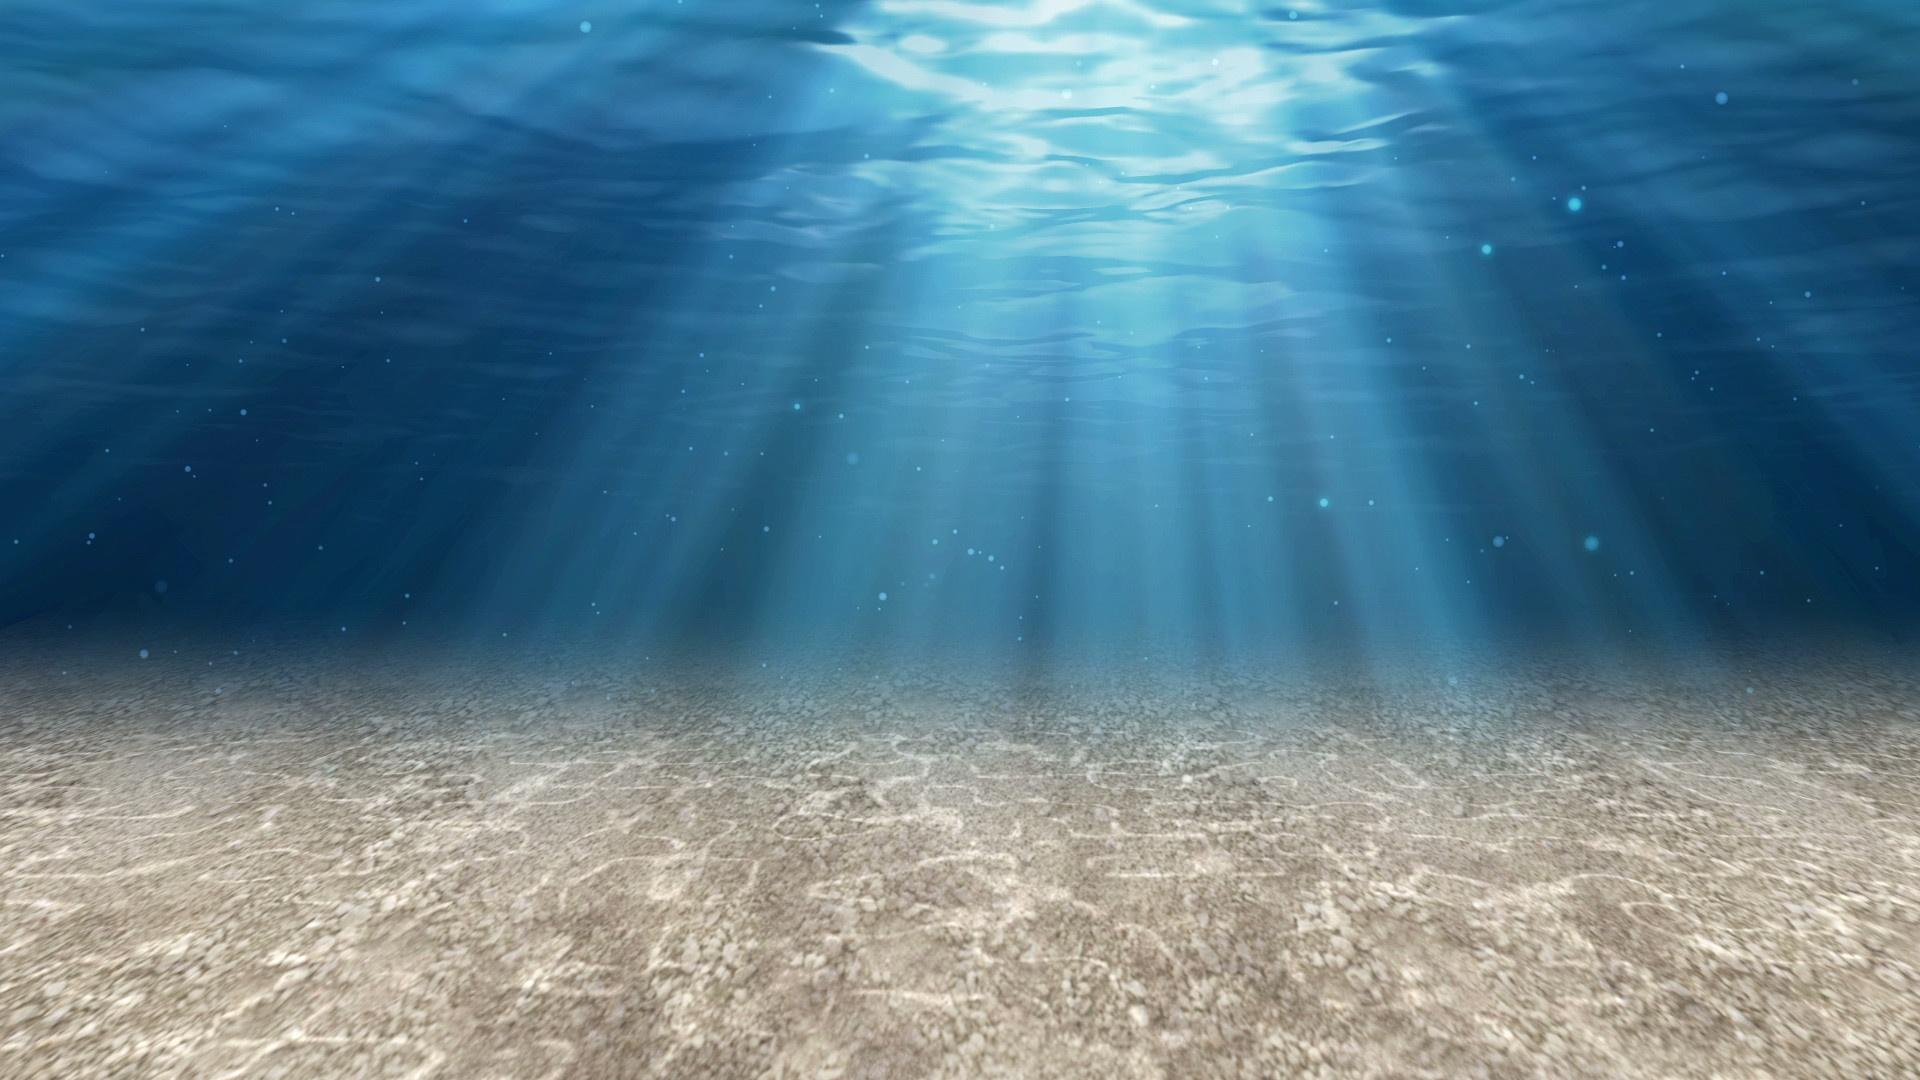 Aquarium Wallpaper Picture hd